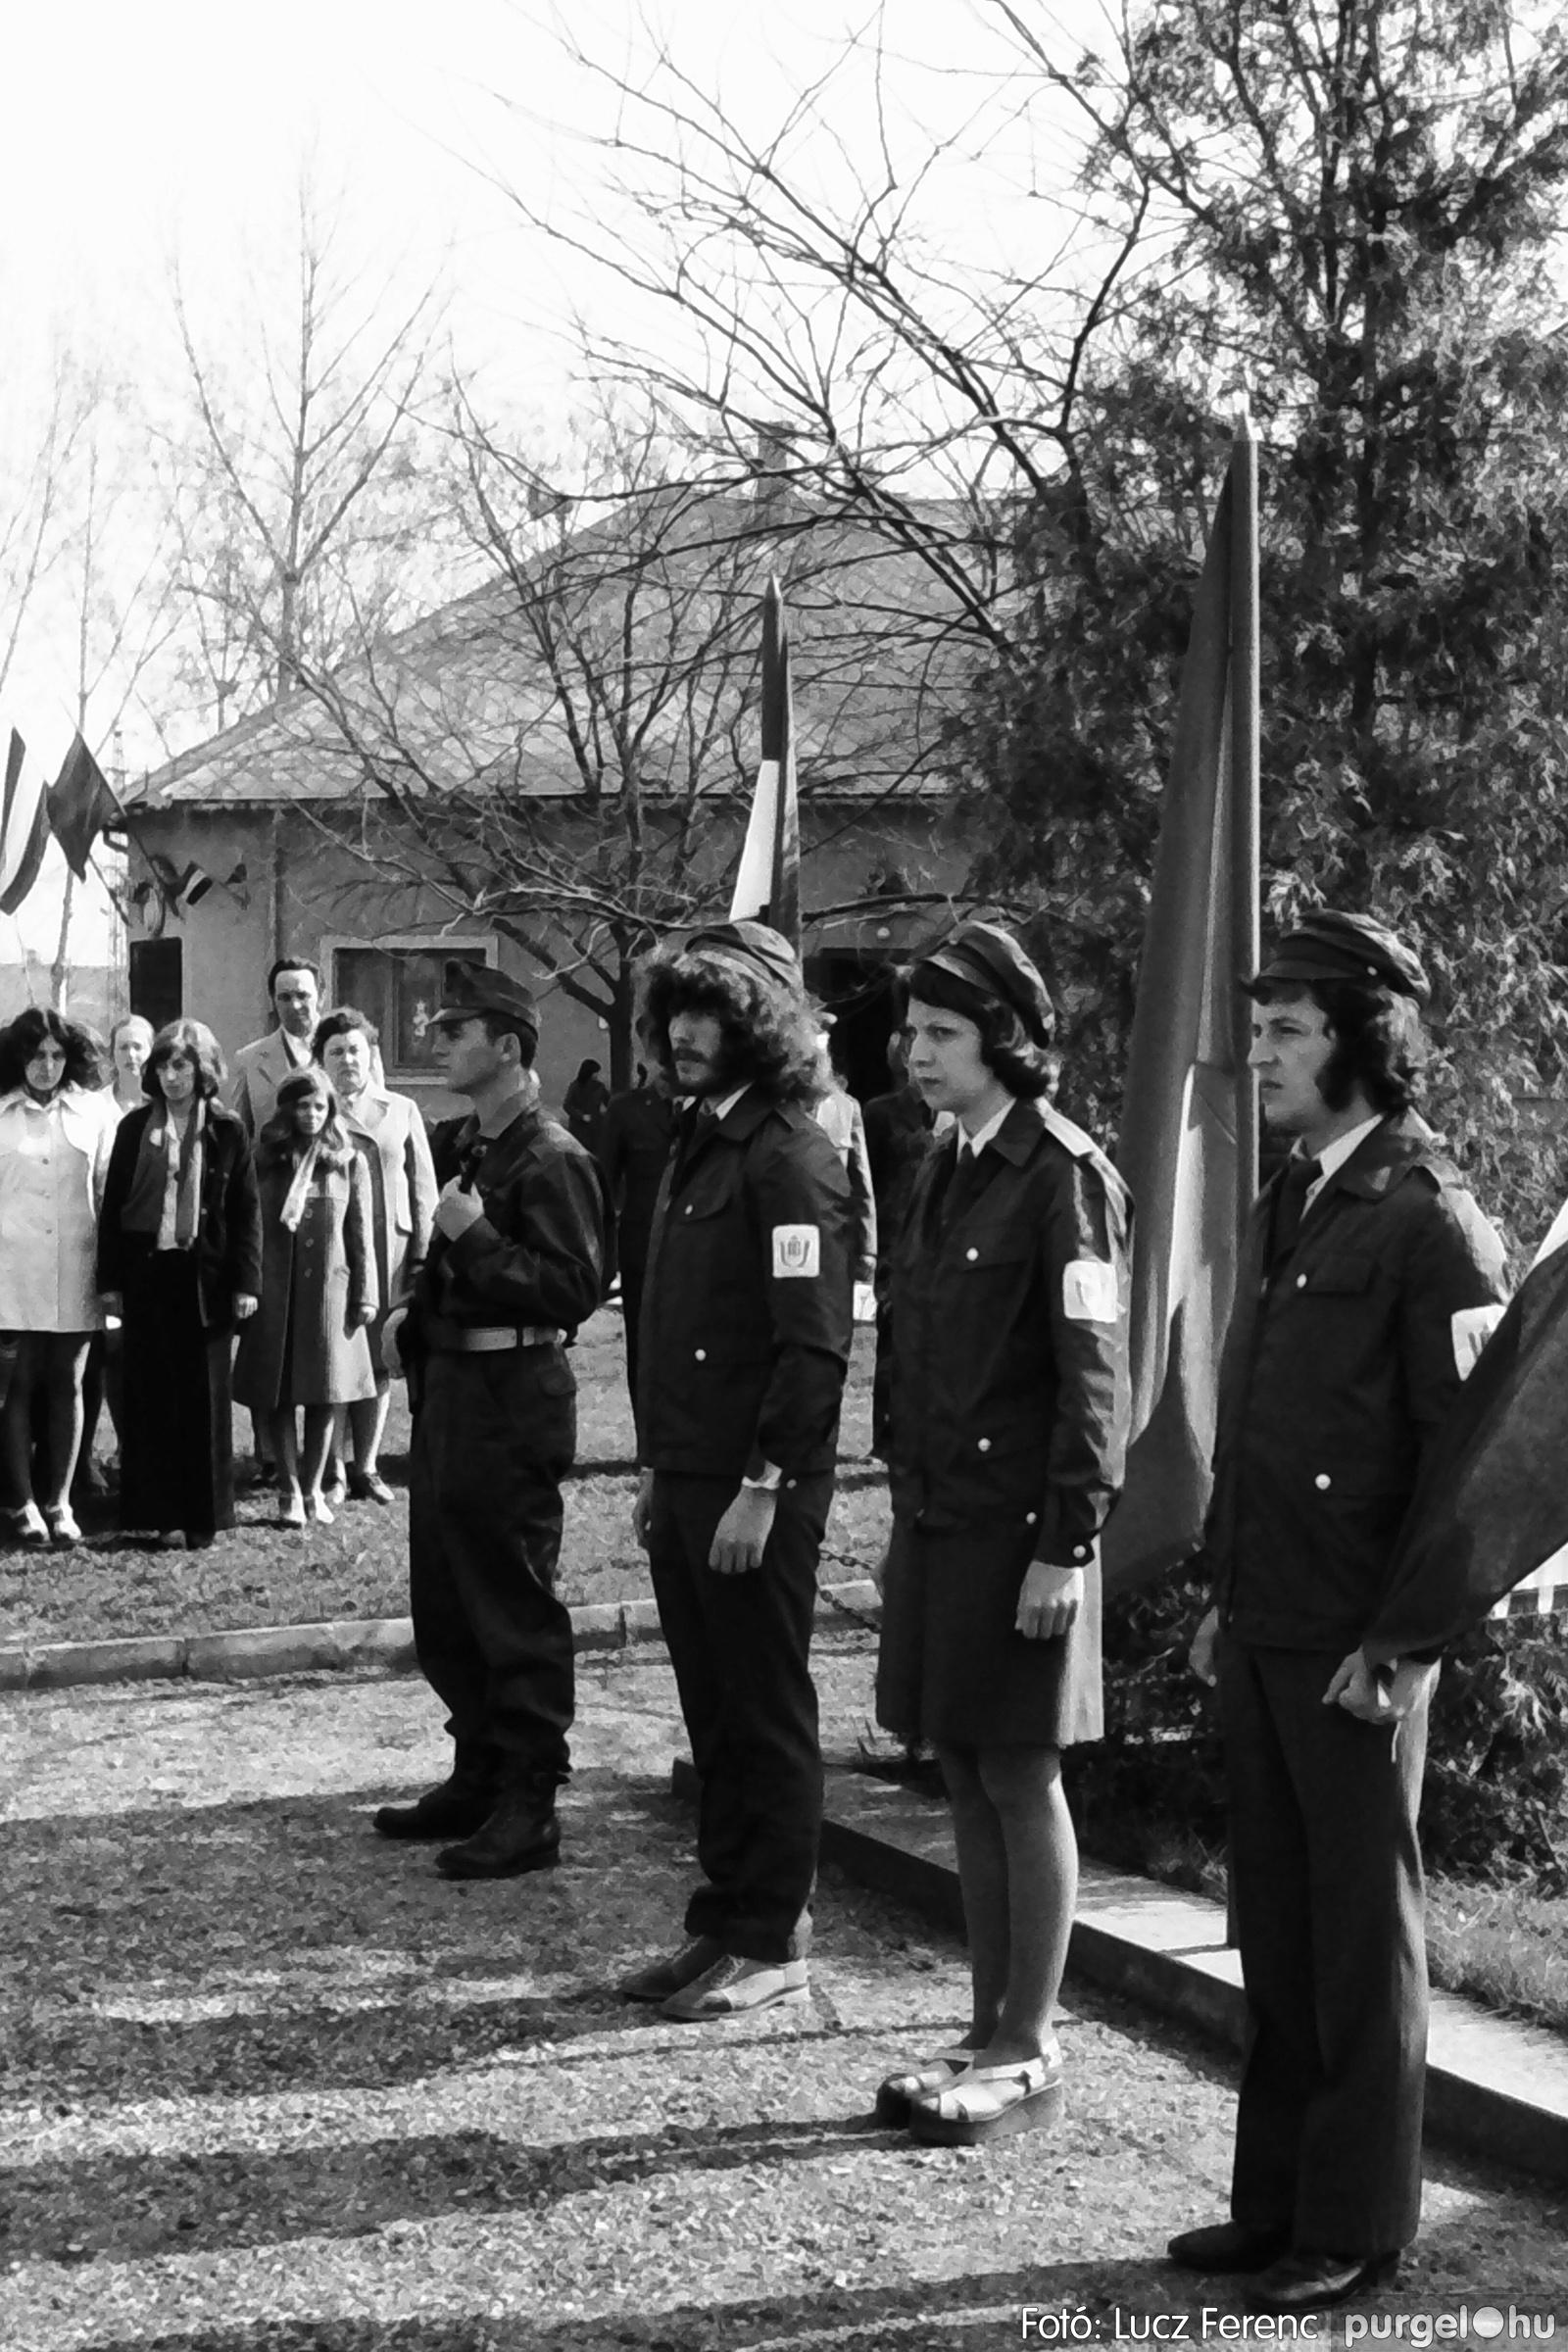 040. 1976.04.04. Április 4-i ünnepség 019. - Fotó: Lucz Ferenc - IMG00235q.jpg